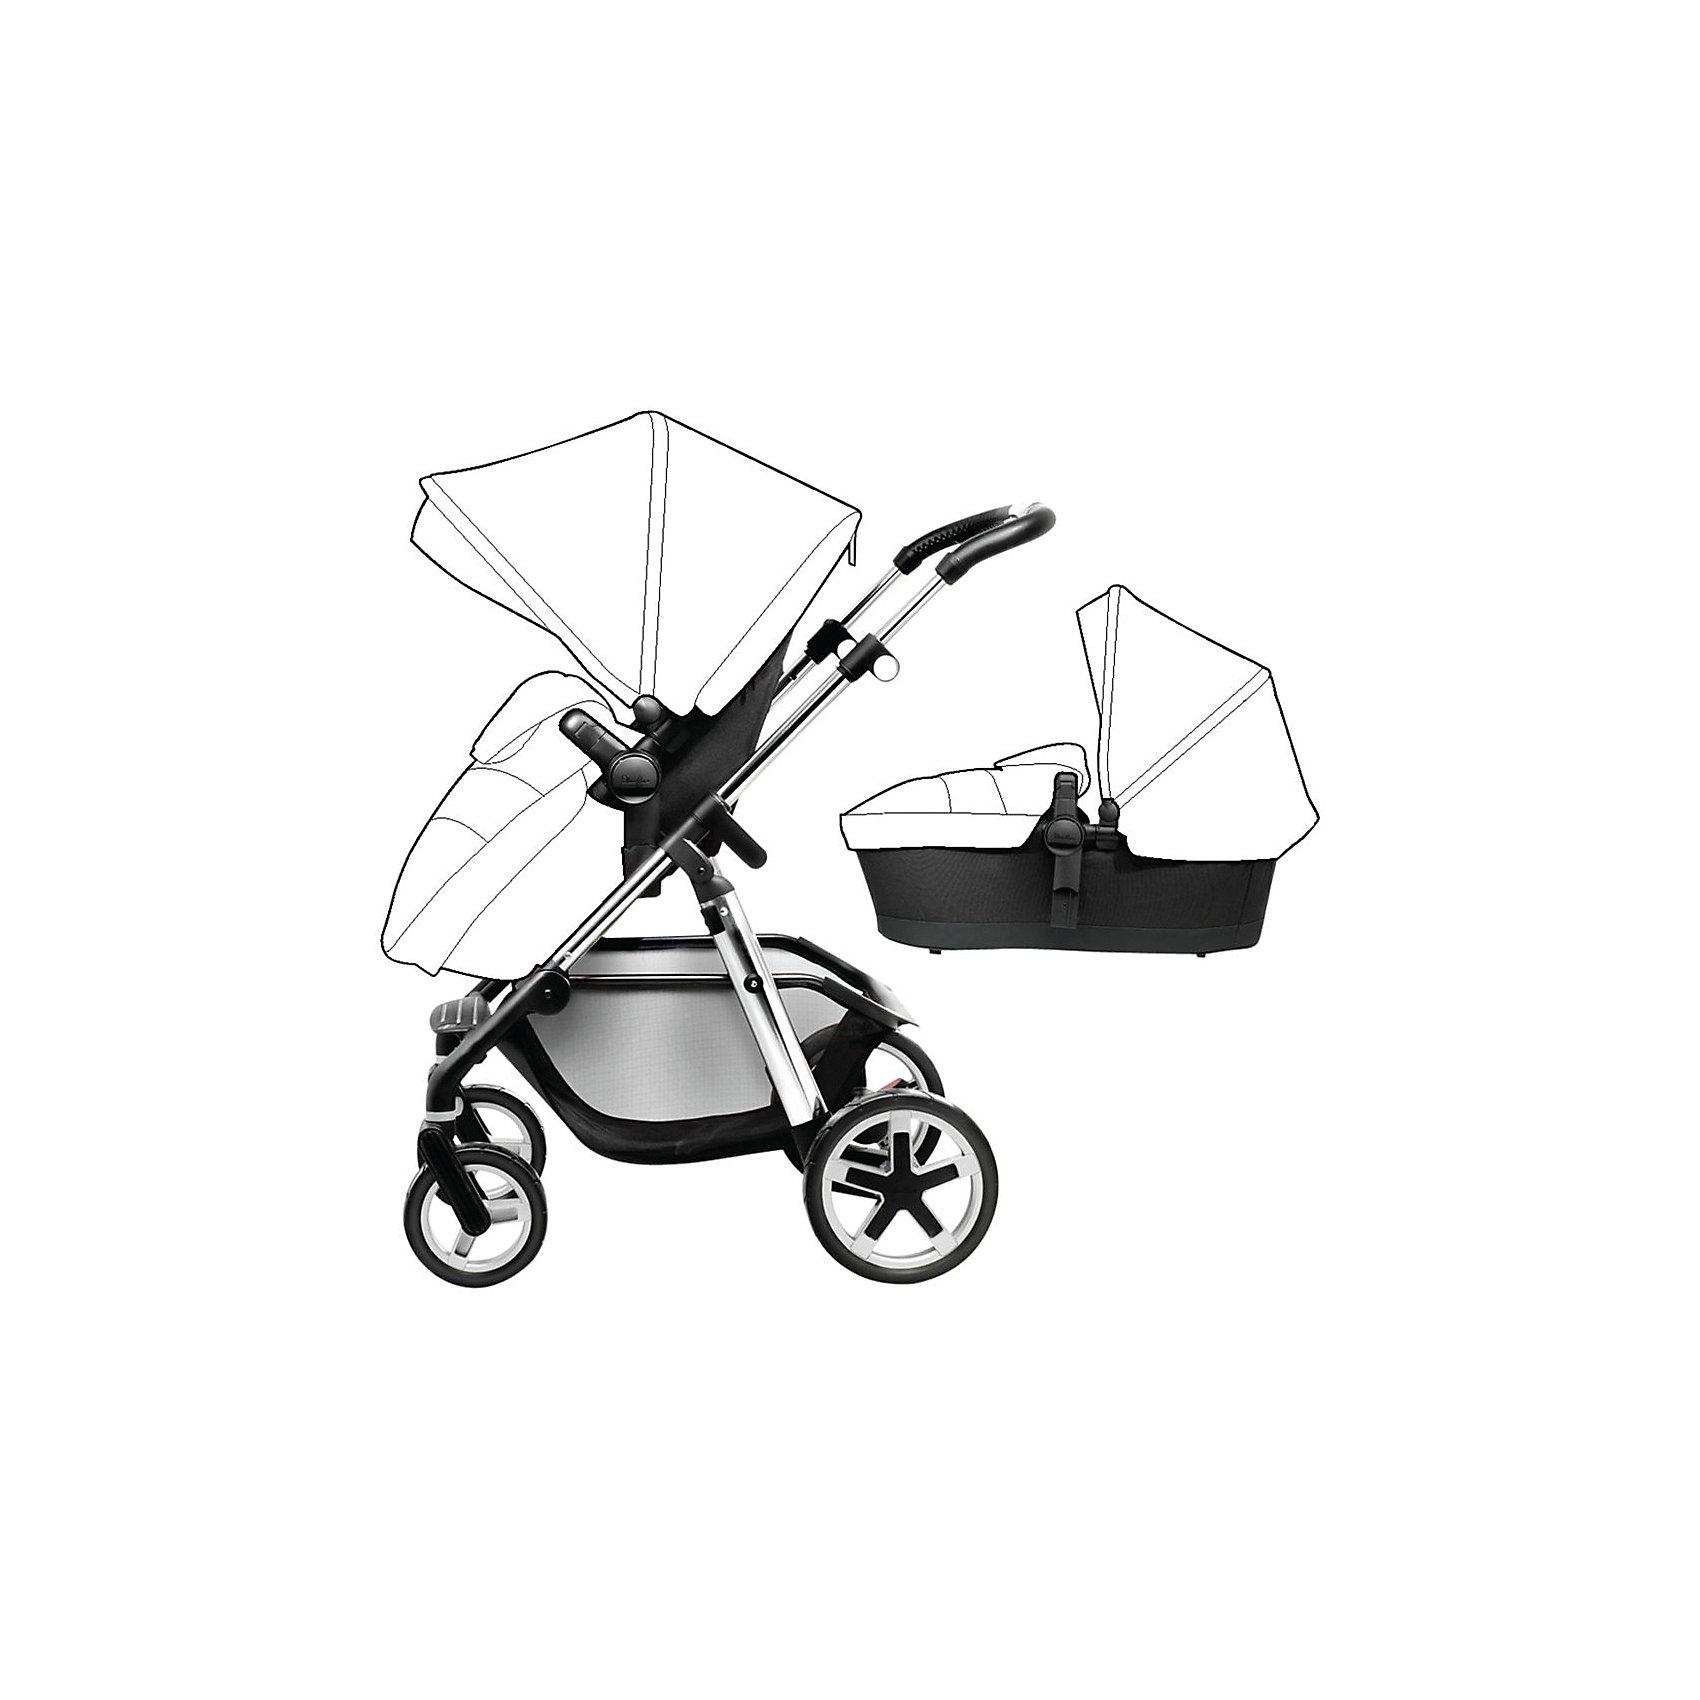 Коляска 2 в 1 Silver Cross , Pioneer, шасси сереброКоляски 2 в 1<br>К выбору коляски важно подходить со всей ответственностью. Данная модель полюбится всем мамам и малышам уже с первой прогулки. Максимальная нагрузка составляет 25 кг, что позволяет возить малышей до трех лет. Коляска сборная, поэтому будет удобна для хранения в любой квартире. Качество колес и шин позволяет ездить по всем поверхностям с комфортом для малыша. <br><br>Дополнительные характеристики:<br><br>возраст: 0-3 года;<br>регулируемая спинка;<br>цвет шасси: серебро;<br>фильтр от ультрафиолета UPF 50+;<br>блокировка тормозов;<br>габариты: 92 х 60 х 117 см;<br>масса люльки: 3,5 кг;<br>наличие матраса на искусственном меху;<br>комплектация: сумка и корзина для мамы, матрас для люльки, люлька и блок для прогулок, рама, защита от дождя, подстаканник.<br><br>ВНИМАНИЕ! Капор и накидка на ножки продаются отдельно.  <br><br>Коляску 2 в 1, Pioneer от компании Silver Cross можно приобрести в нашем магазине.<br><br>Ширина мм: 300<br>Глубина мм: 300<br>Высота мм: 110<br>Вес г: 12900<br>Возраст от месяцев: 0<br>Возраст до месяцев: 36<br>Пол: Унисекс<br>Возраст: Детский<br>SKU: 5011547